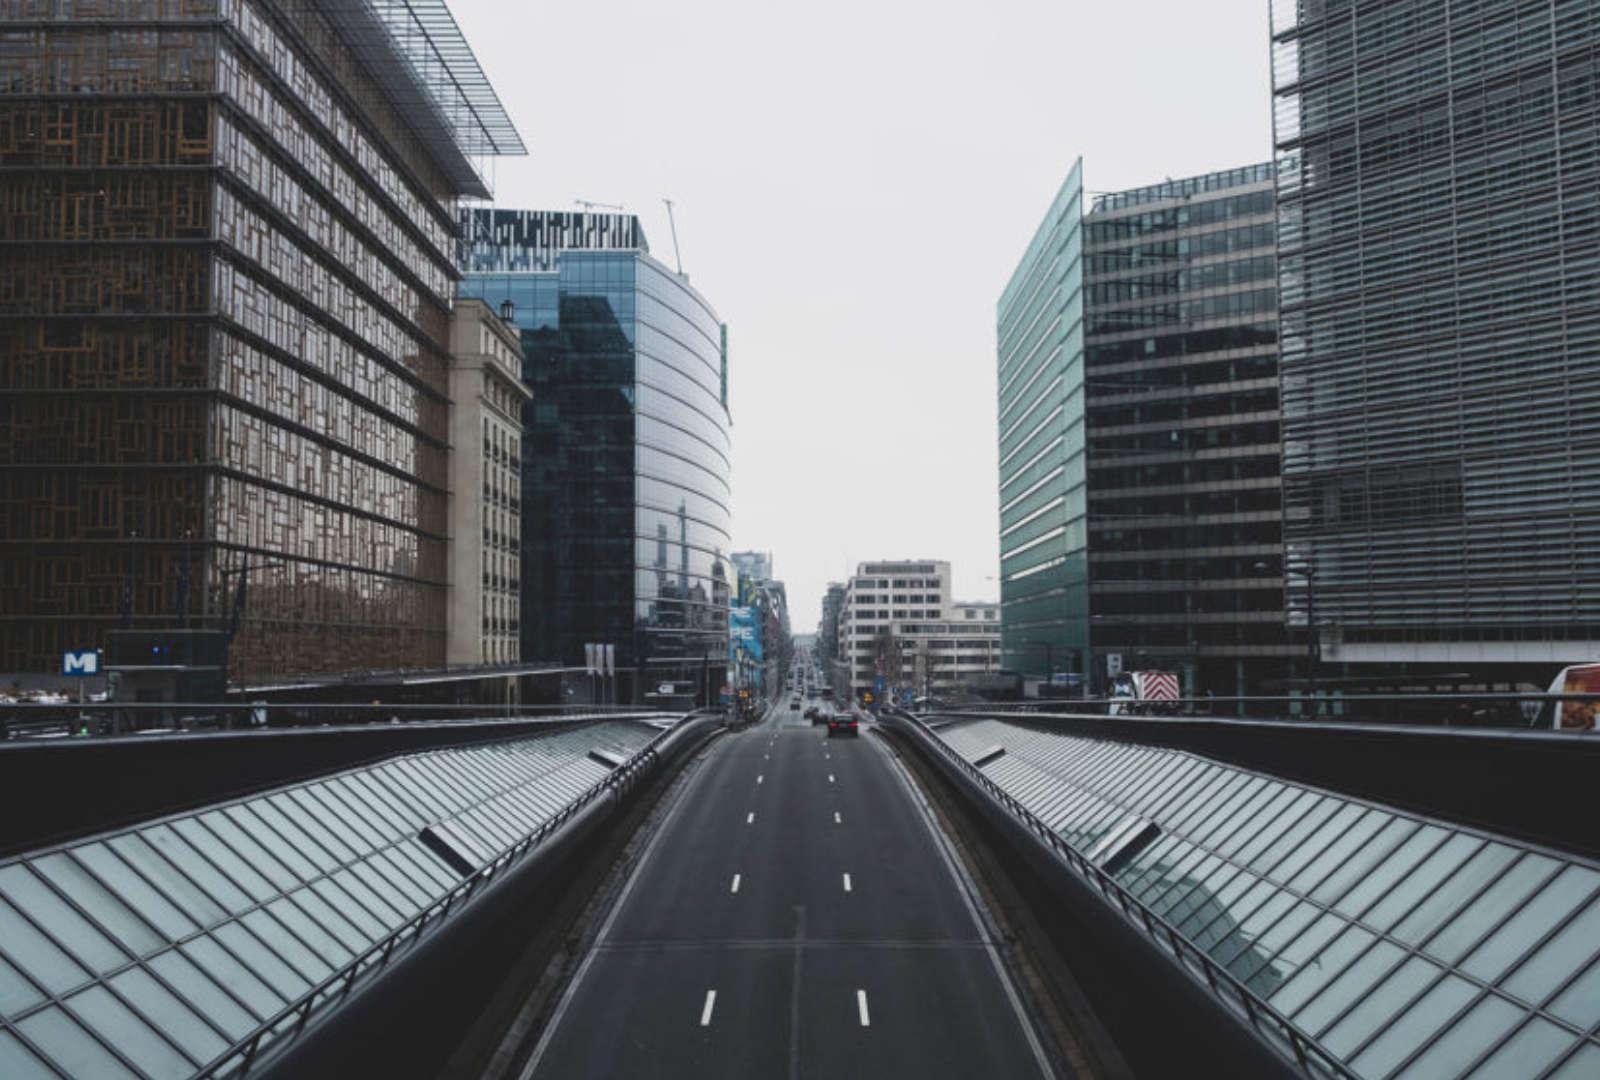 Een pan-Europese Hackathon om innovatieve oplossingen te vinden voor de maatschappelijke uitdagingen van het coronavirus